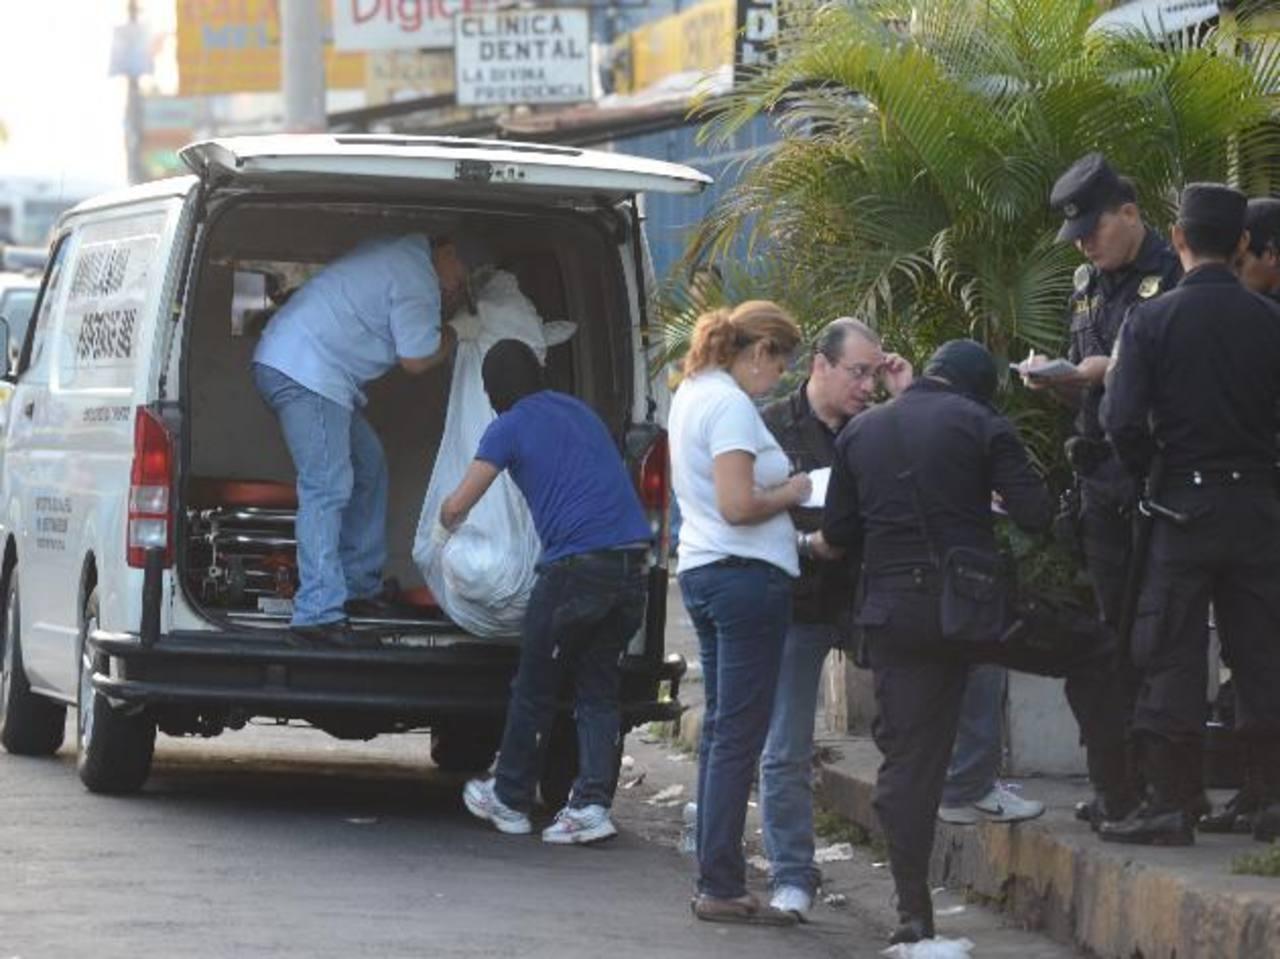 Una mujer fue hallada muerta cerca de la alcaldía de Ciudad Delgado. Tenía heridas con arma blanca. Foto EDH / Douglas Urquilla.